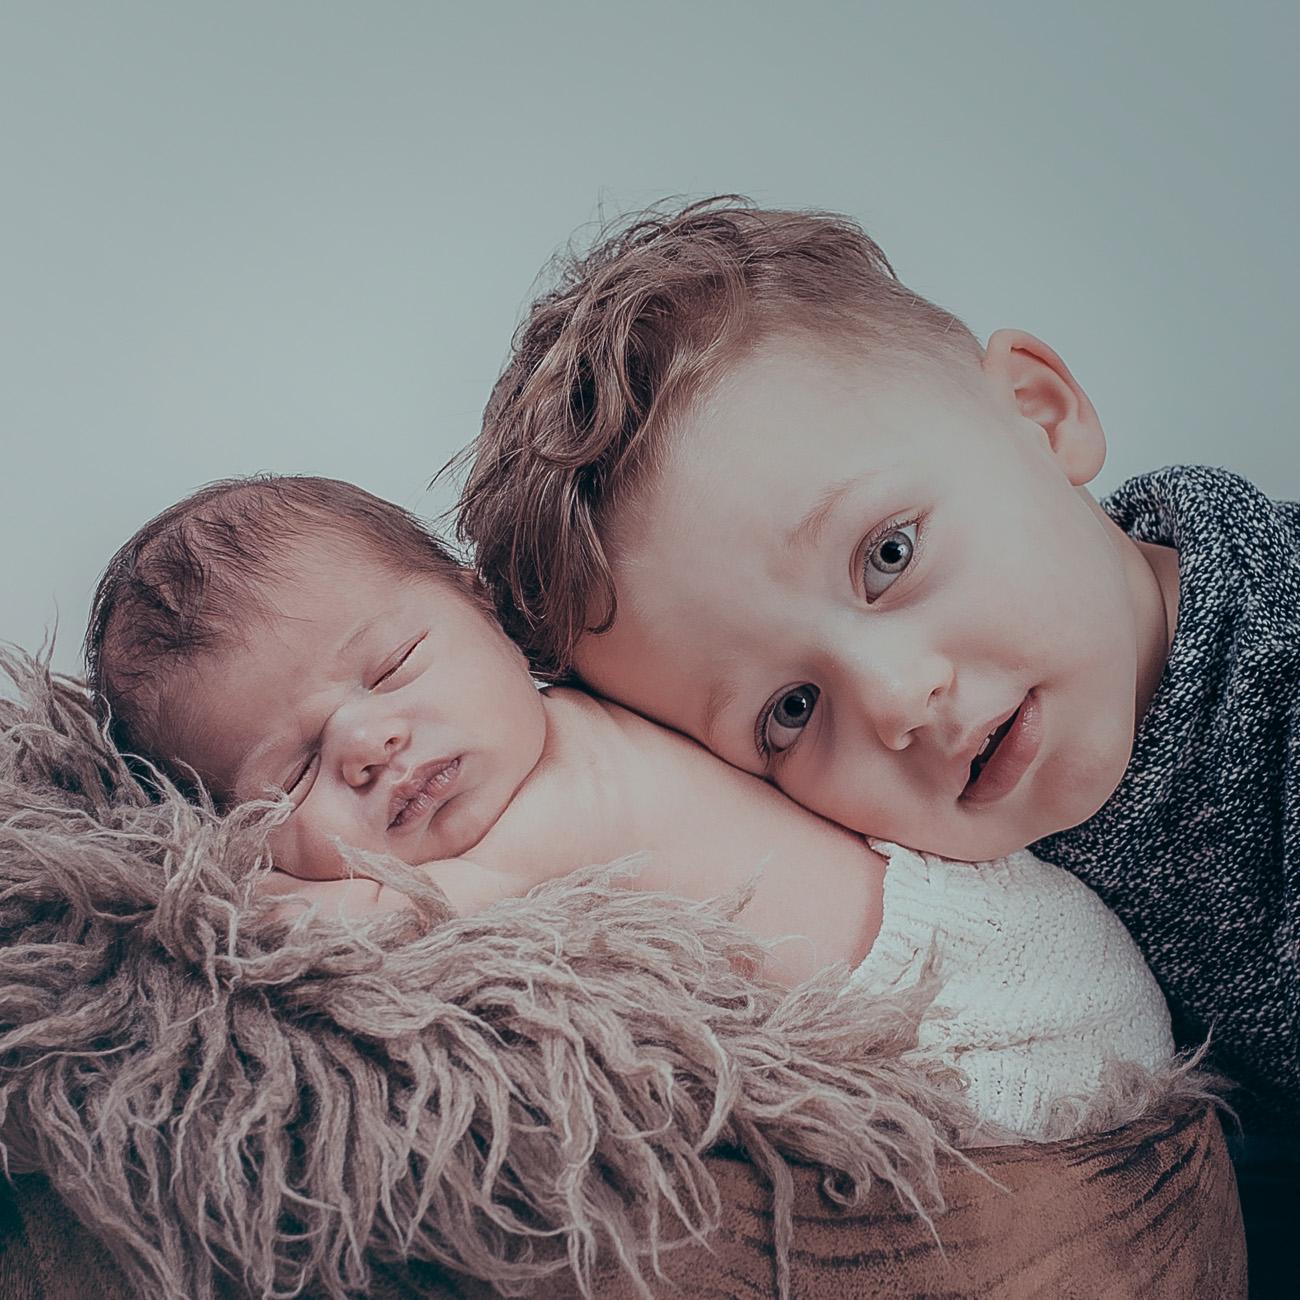 Traumkind Fotos Babyfotografie Essen 20 - Babyfotos